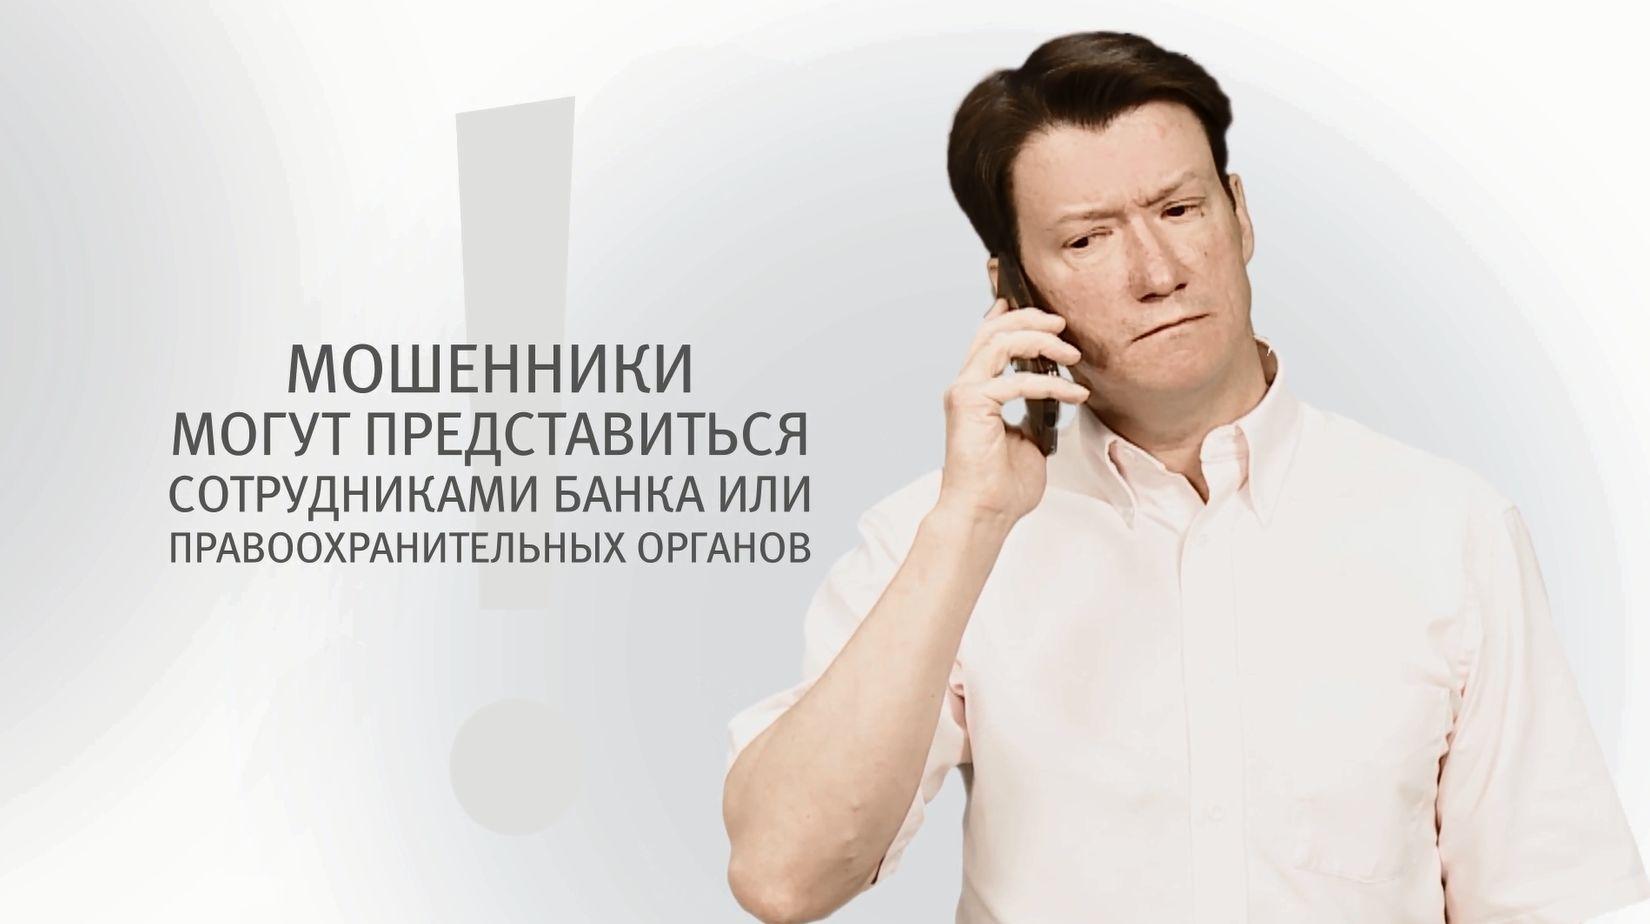 Житель Ярославля перечислил мошенникам более 5 миллионов рублей